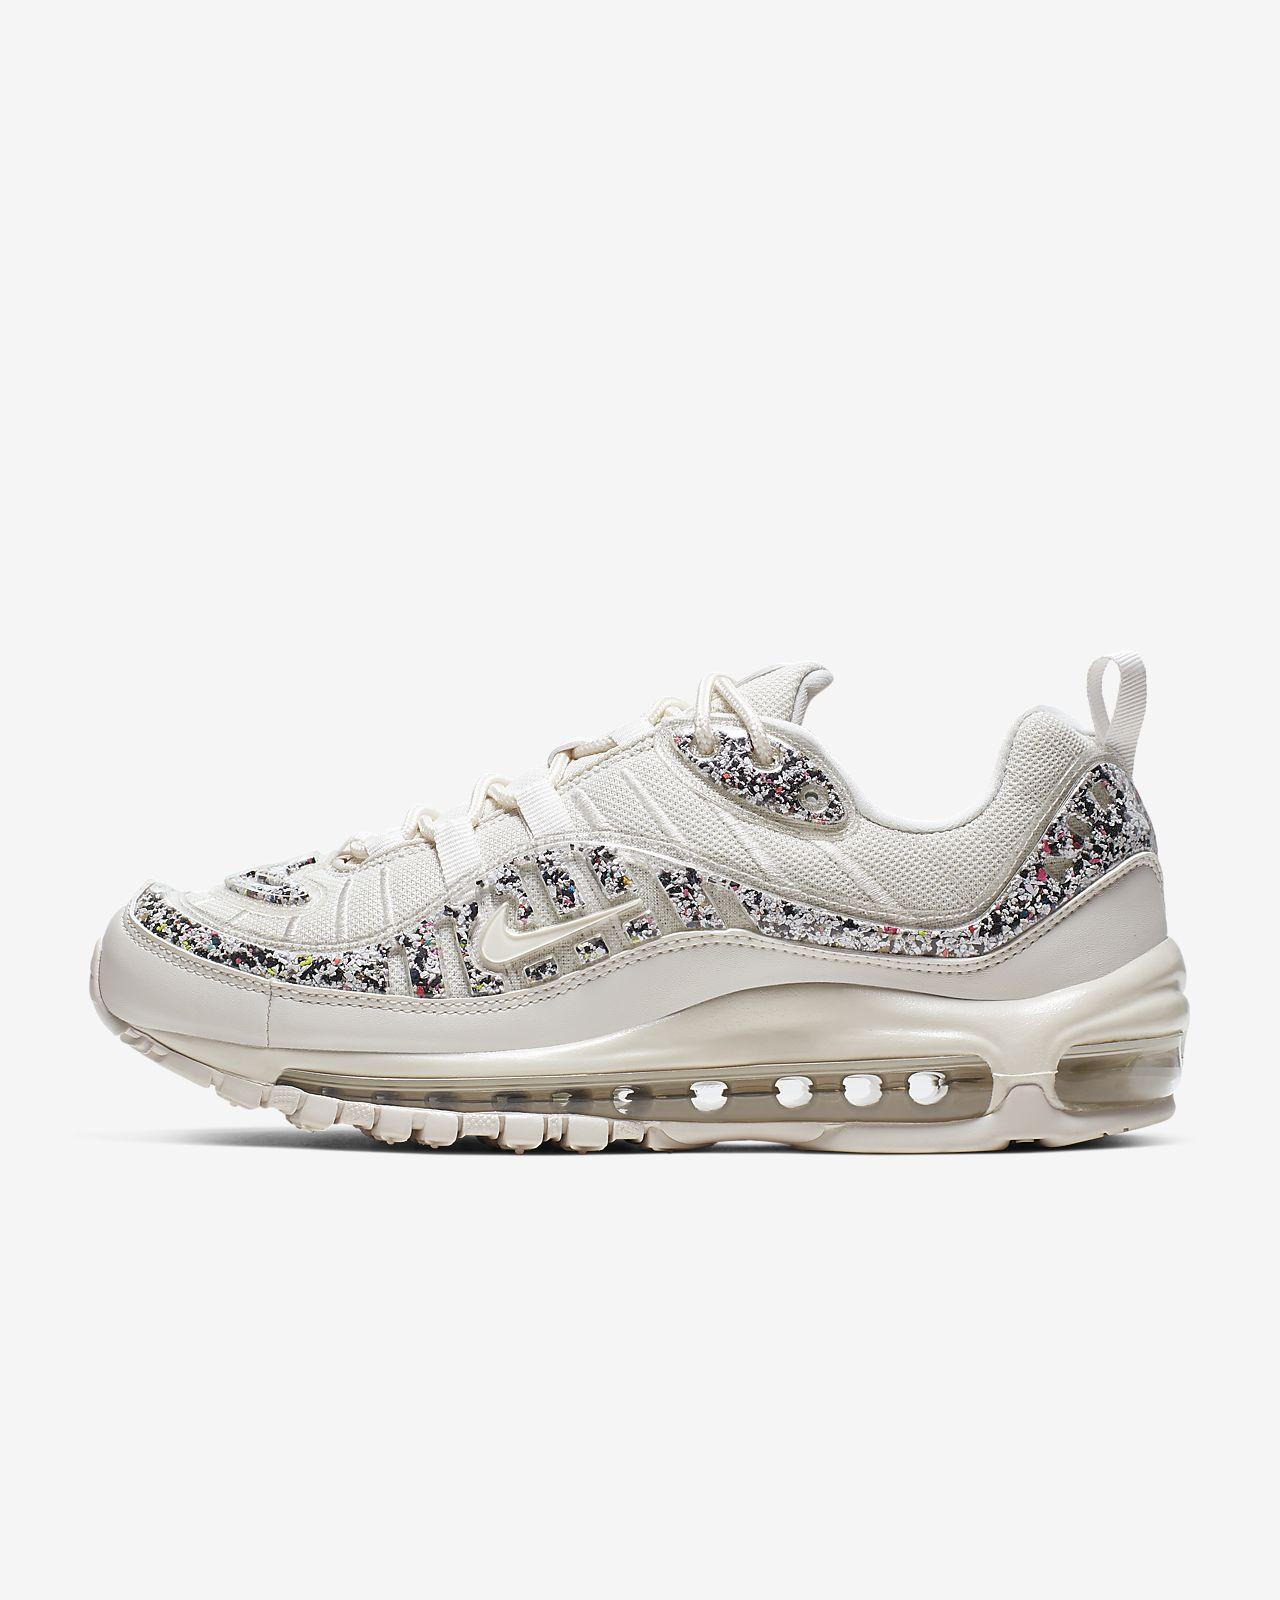 Nike Air Max 98 LX-sko til kvinder